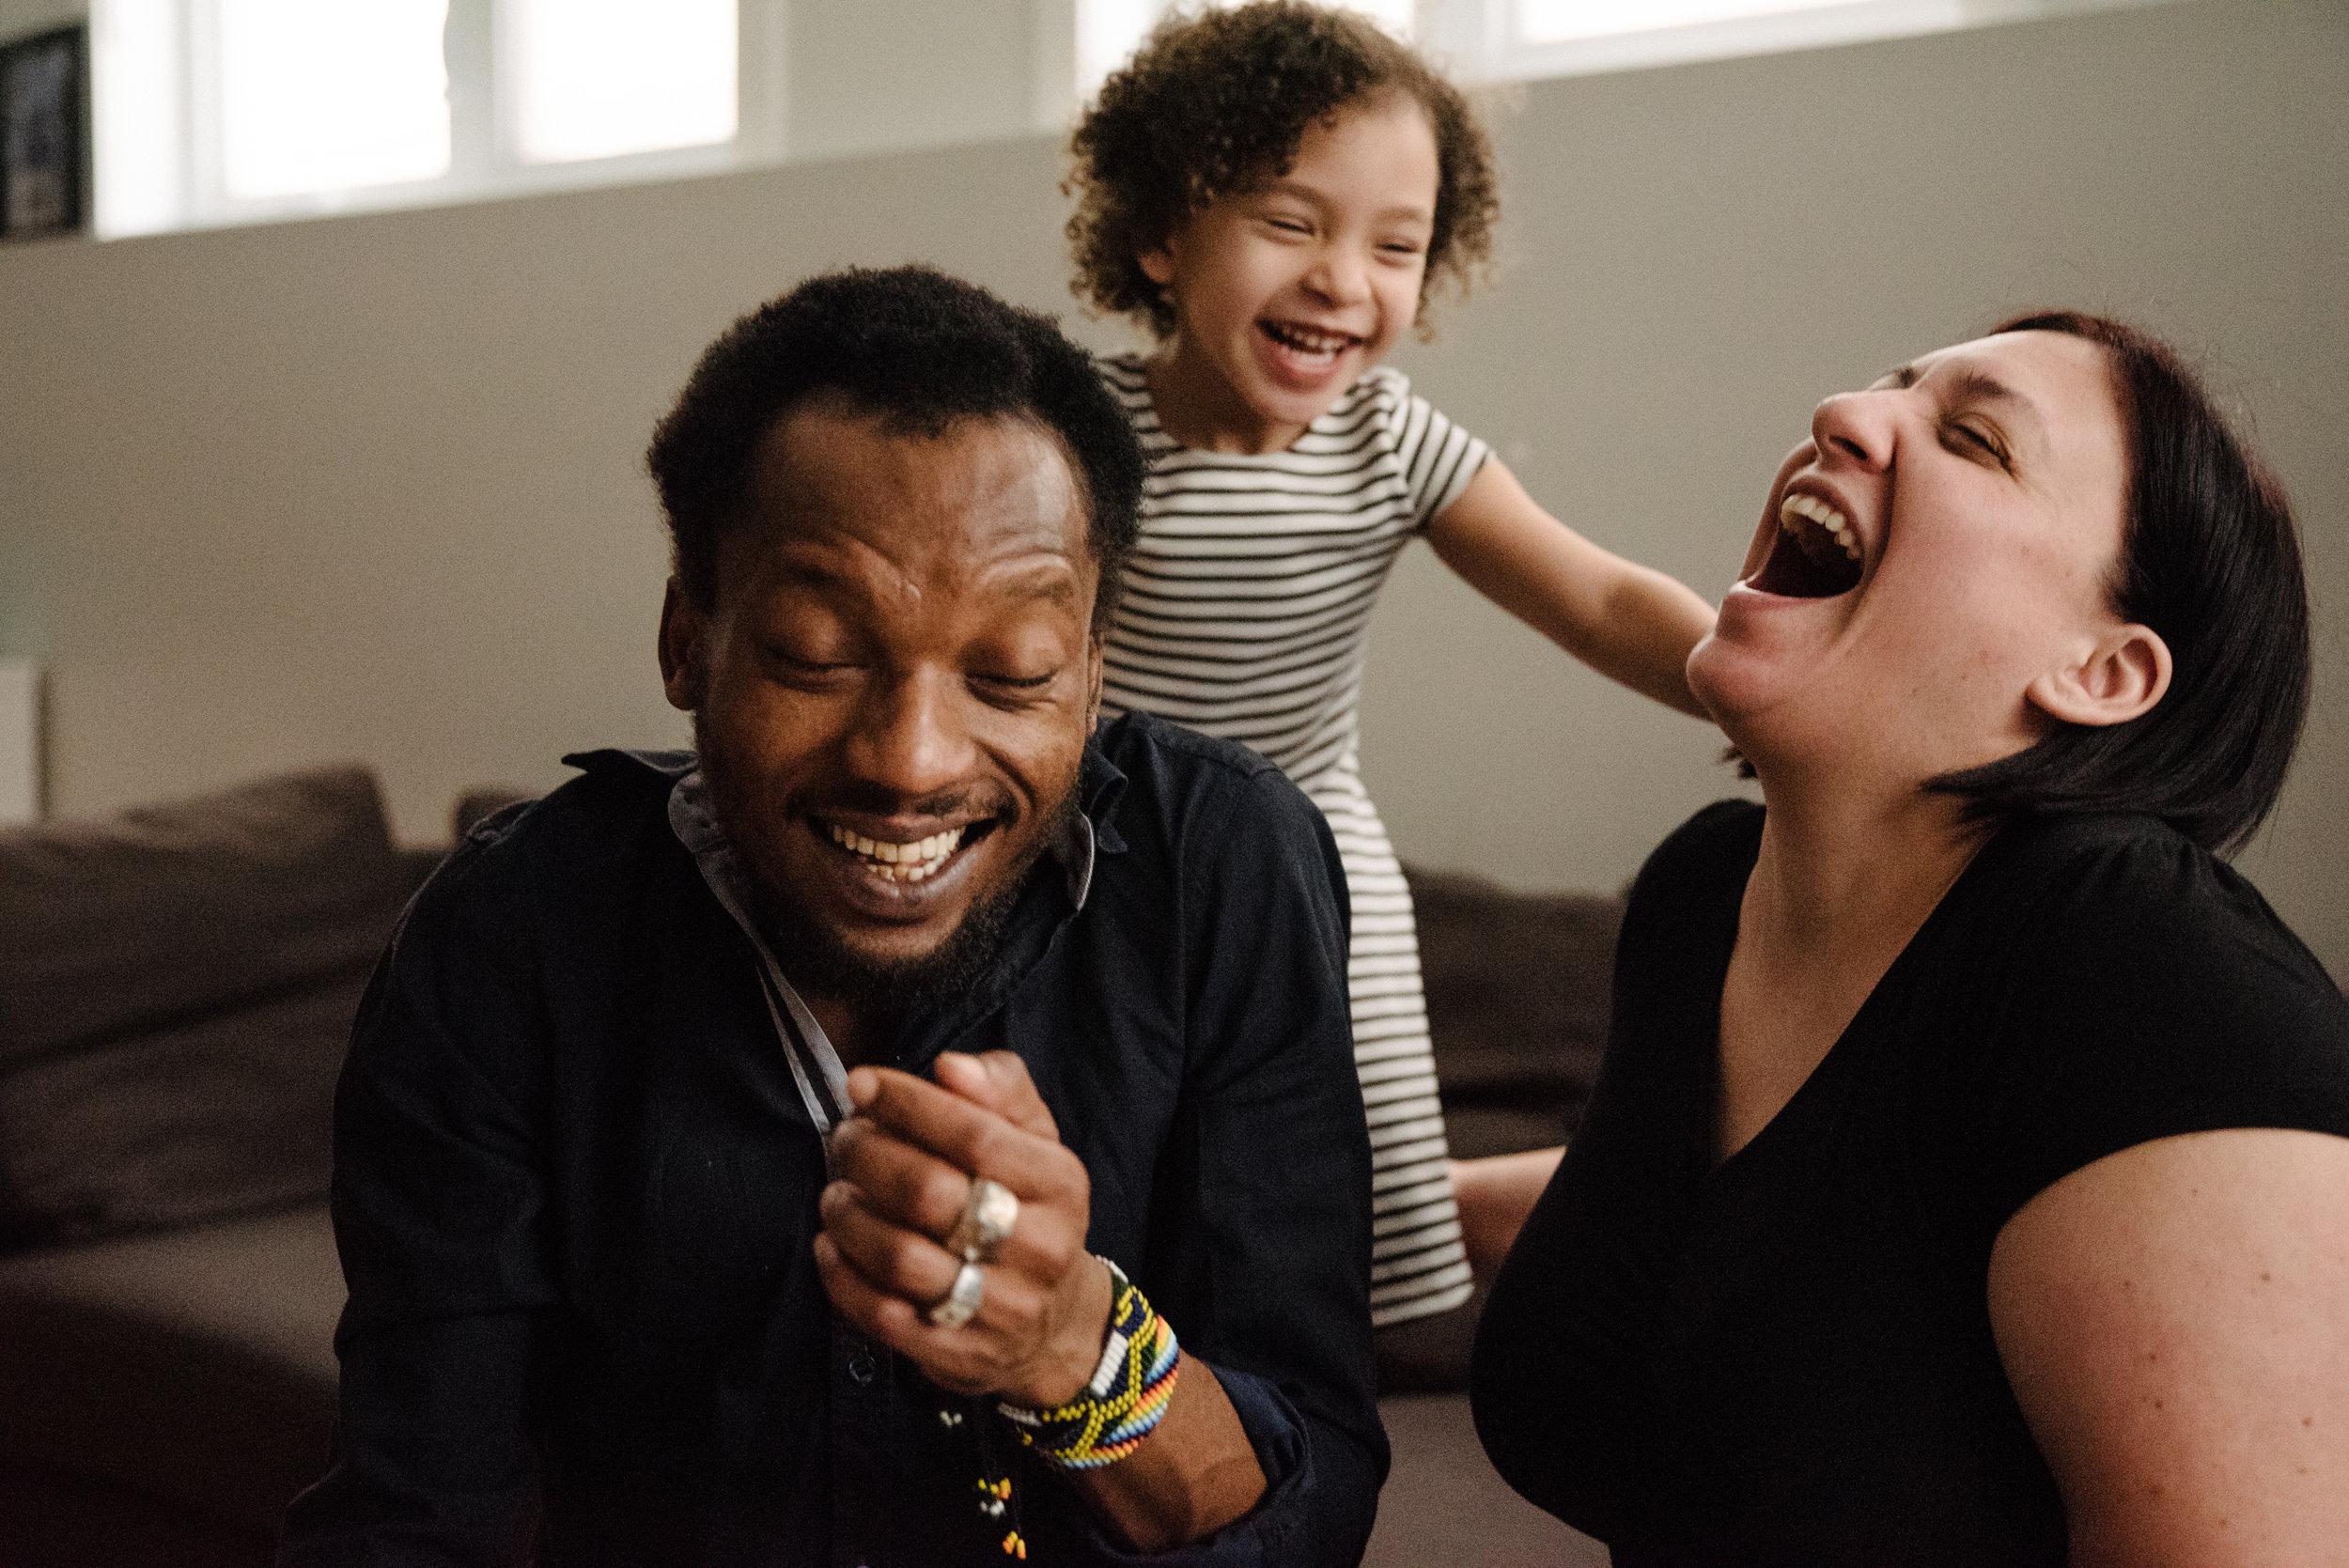 photo-d-une-fillette-et-ses-parents-qui-rigolent-sur-le-divan-photographe-de-famille-a-montreal-marianne-charland-747.jpg